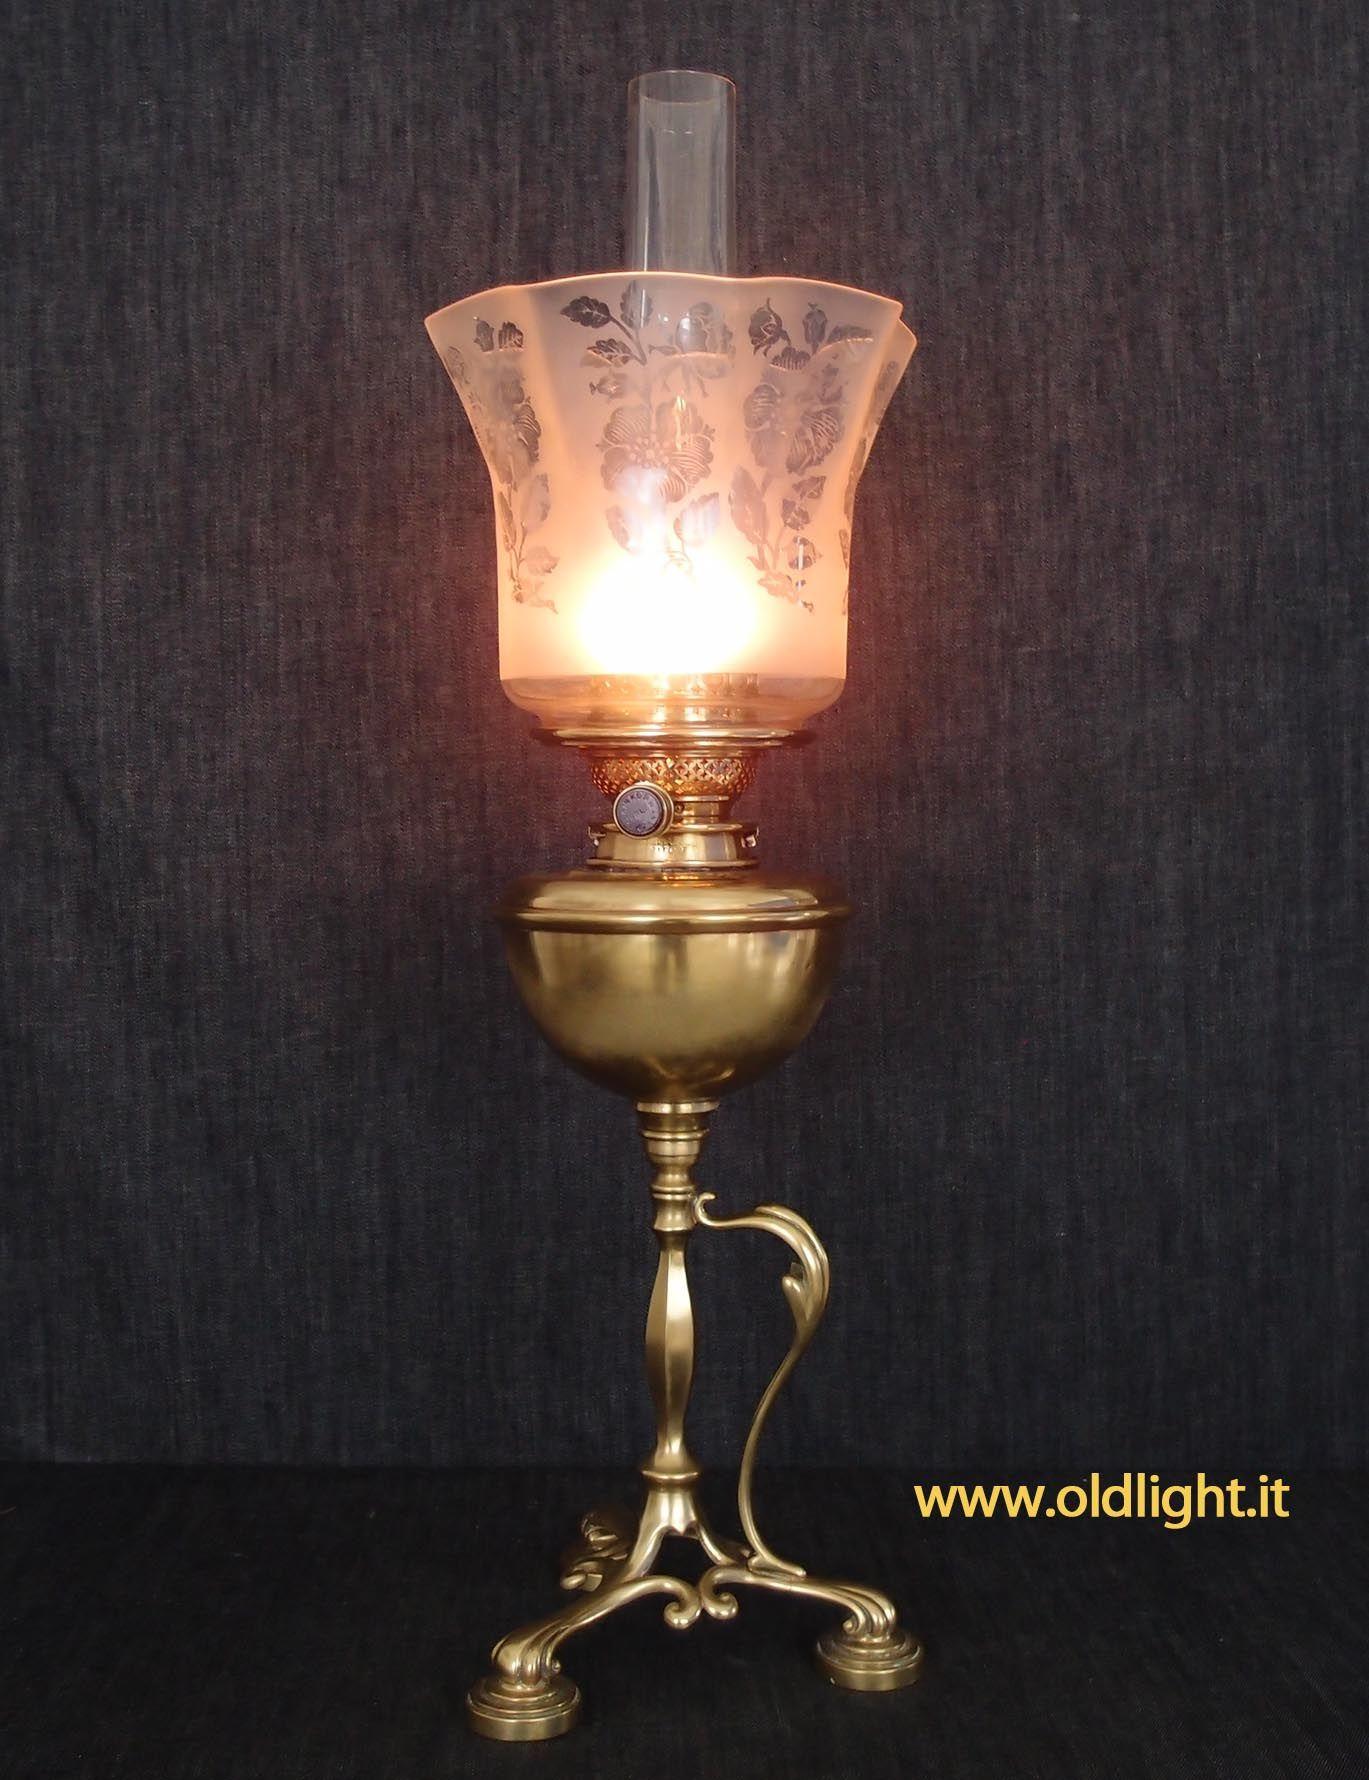 Lampada Da Tavolo Inglese Tripode In Fusione Di Ottone Arts And Crafts Raro Bruciatore Inglese Duplex Hink S Son N Oil Lamps Lamp Candle Holders